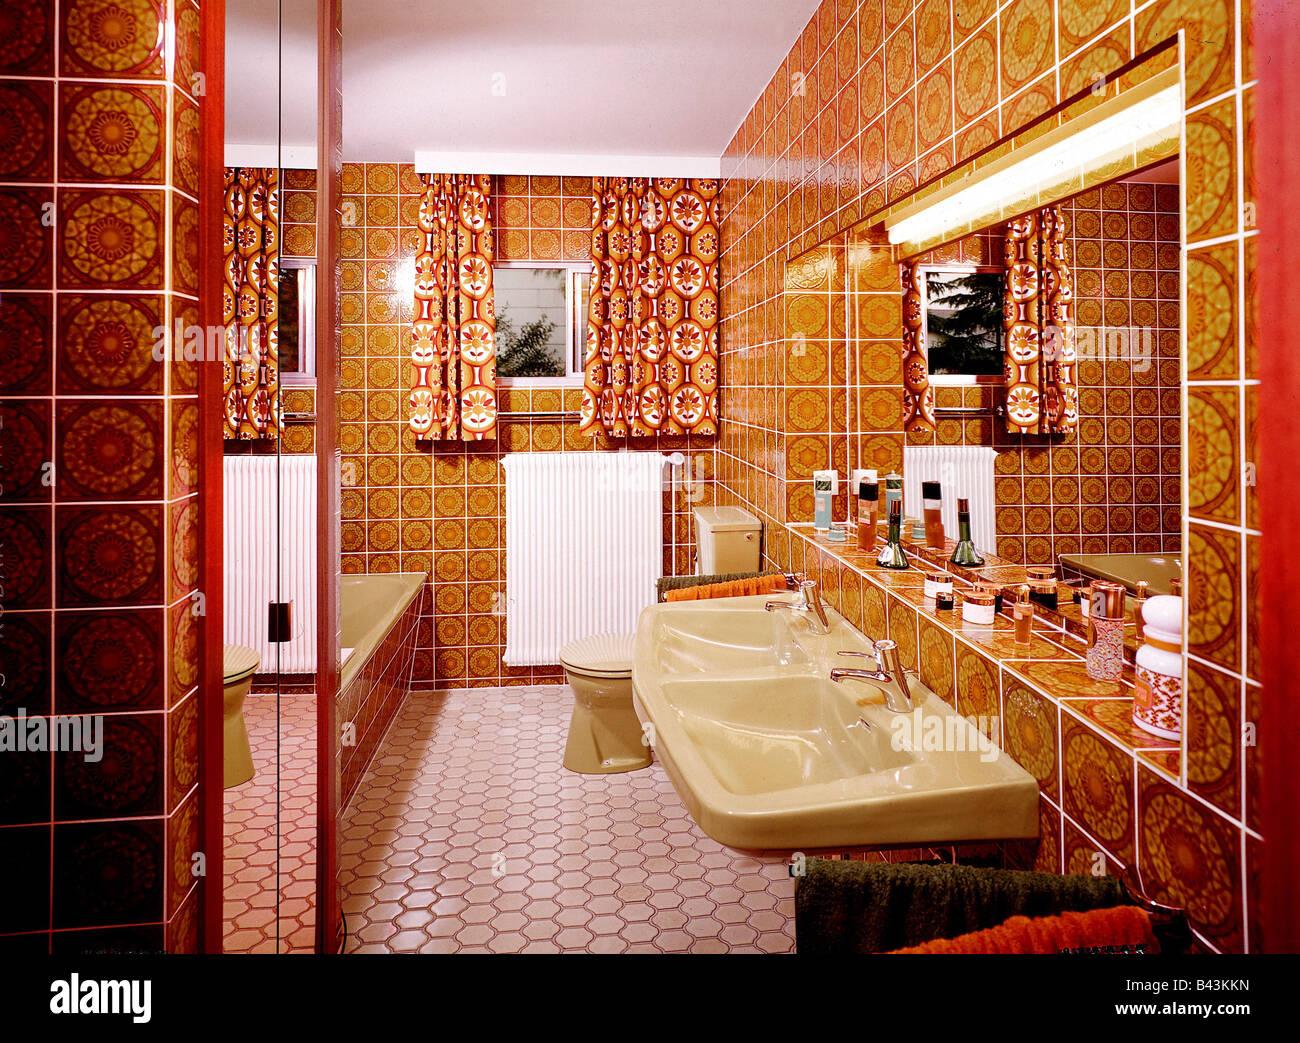 Meubles de jardin, salle de bains, années 70, années 70 ...